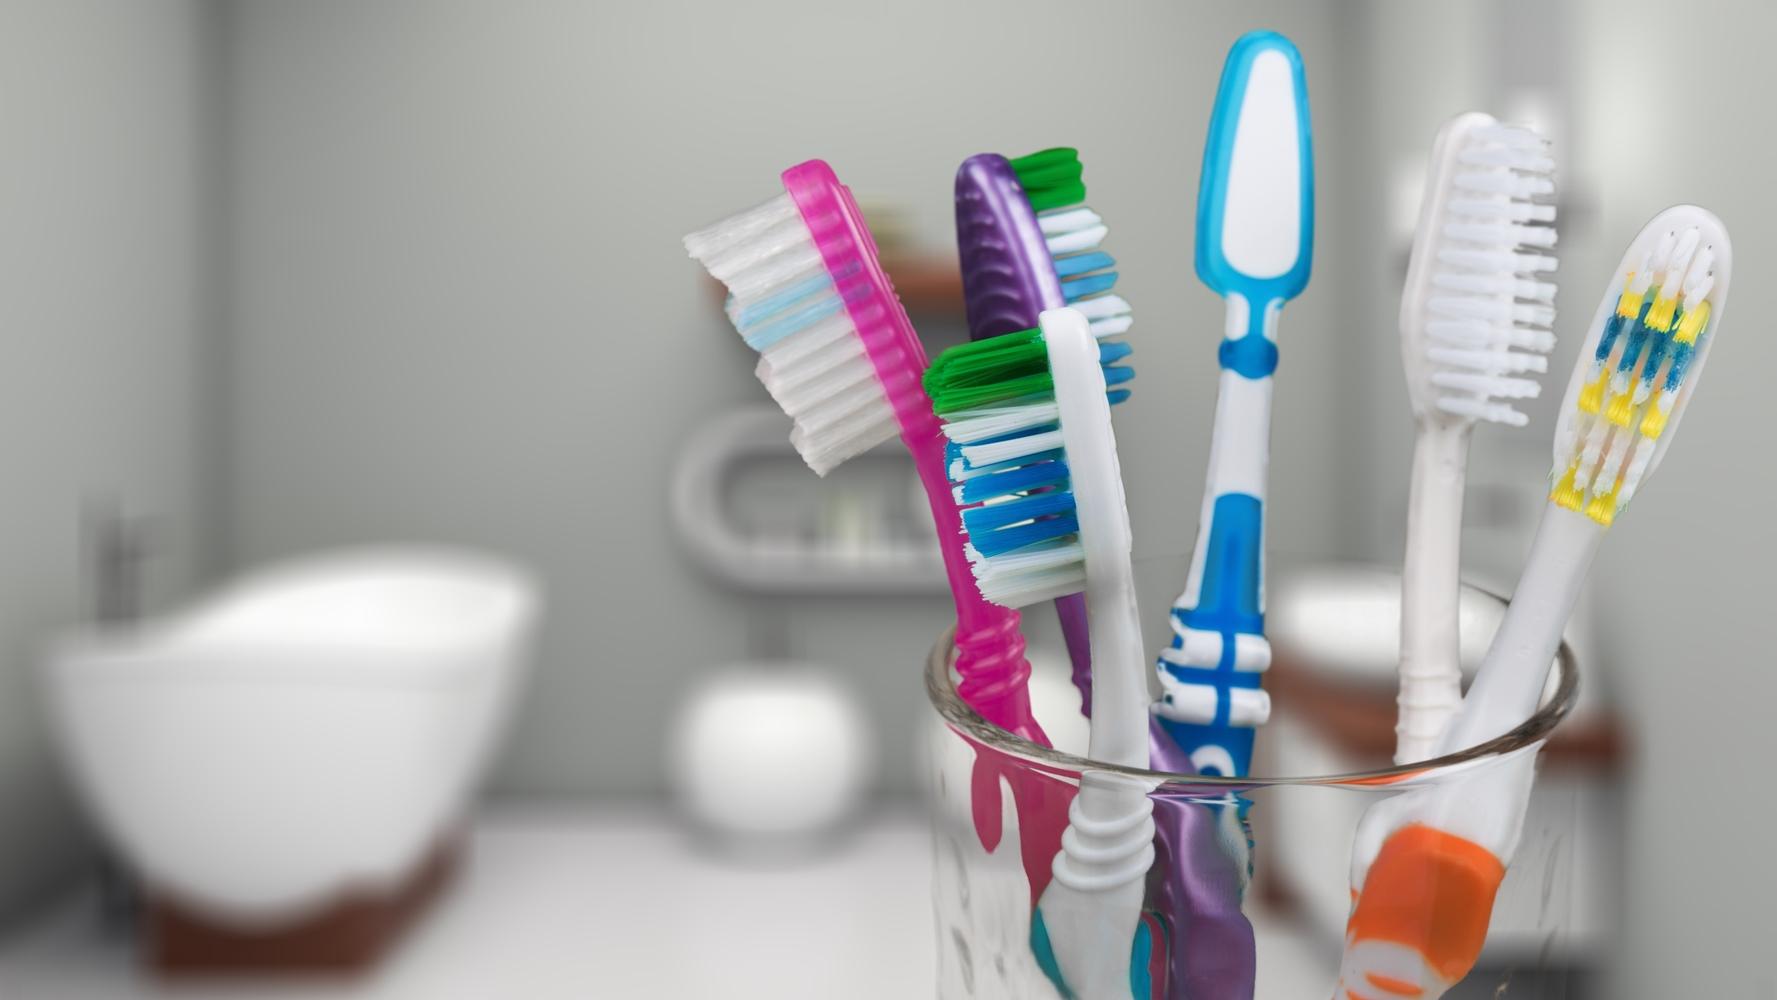 Det er viktig å ivareta god tannhygiene for å sikre at munnen har optimale vilkår.